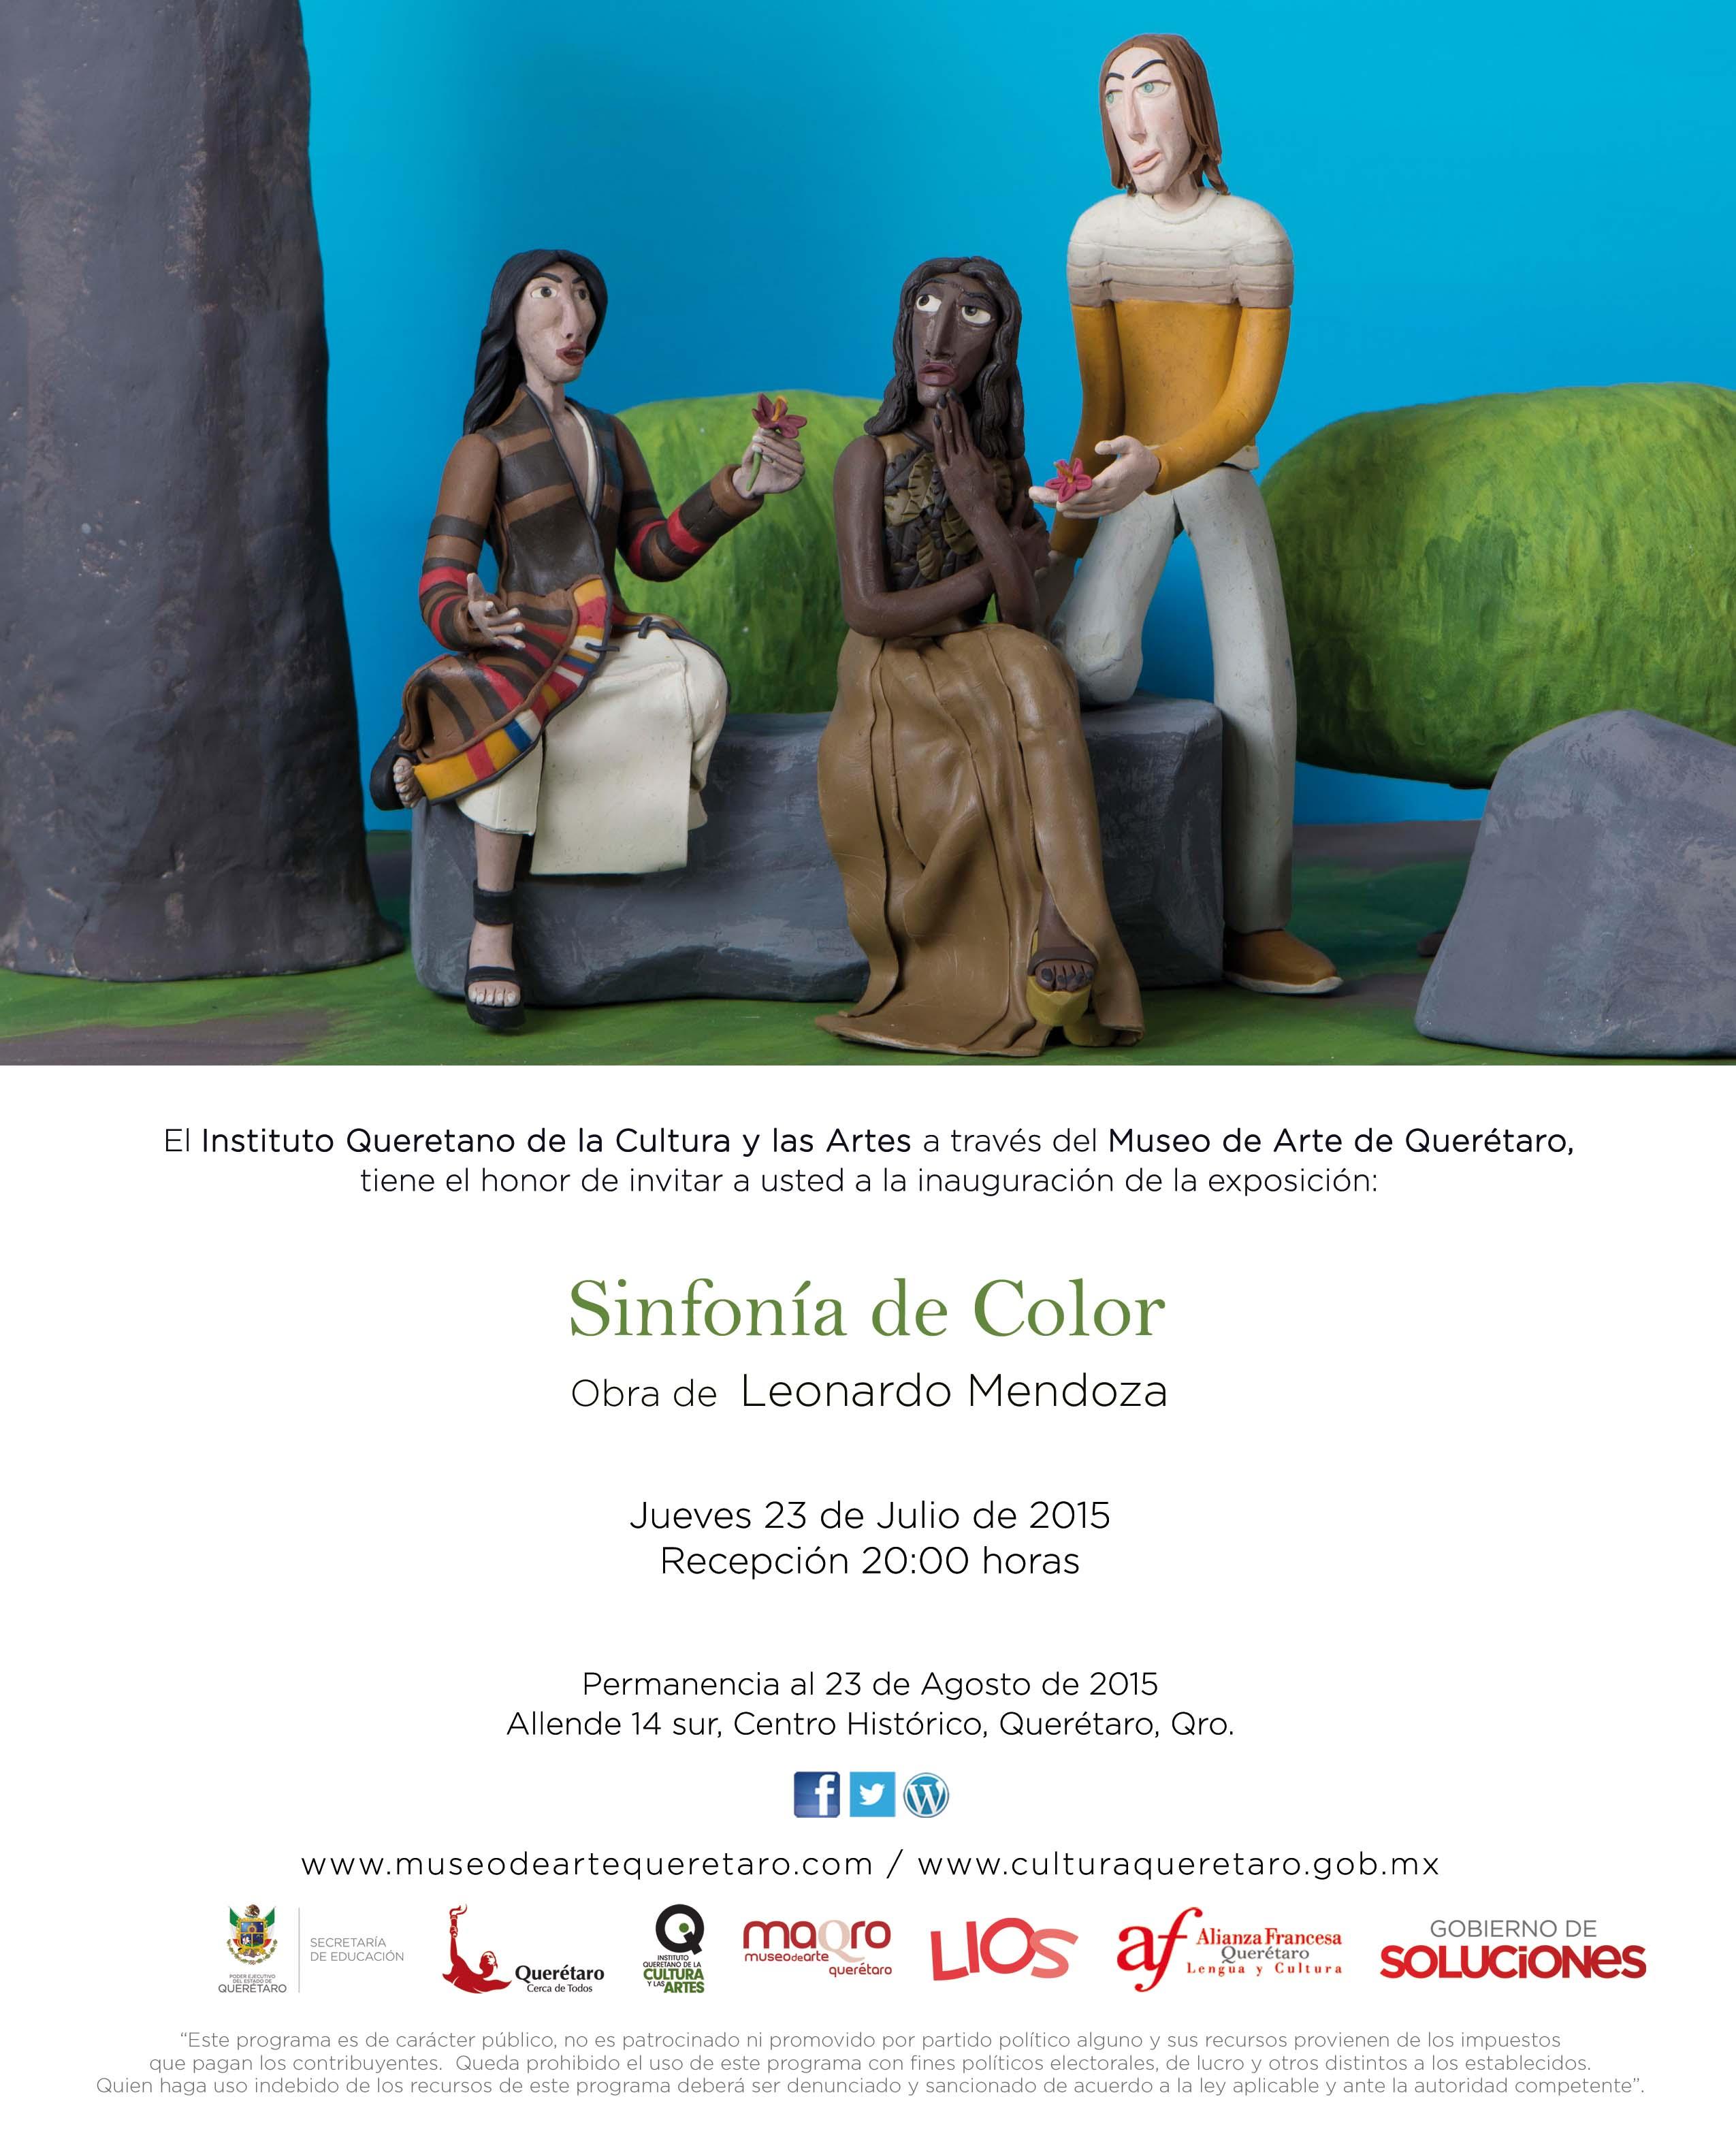 Sinfonía de Color – Obra de Leonardo Mendoza